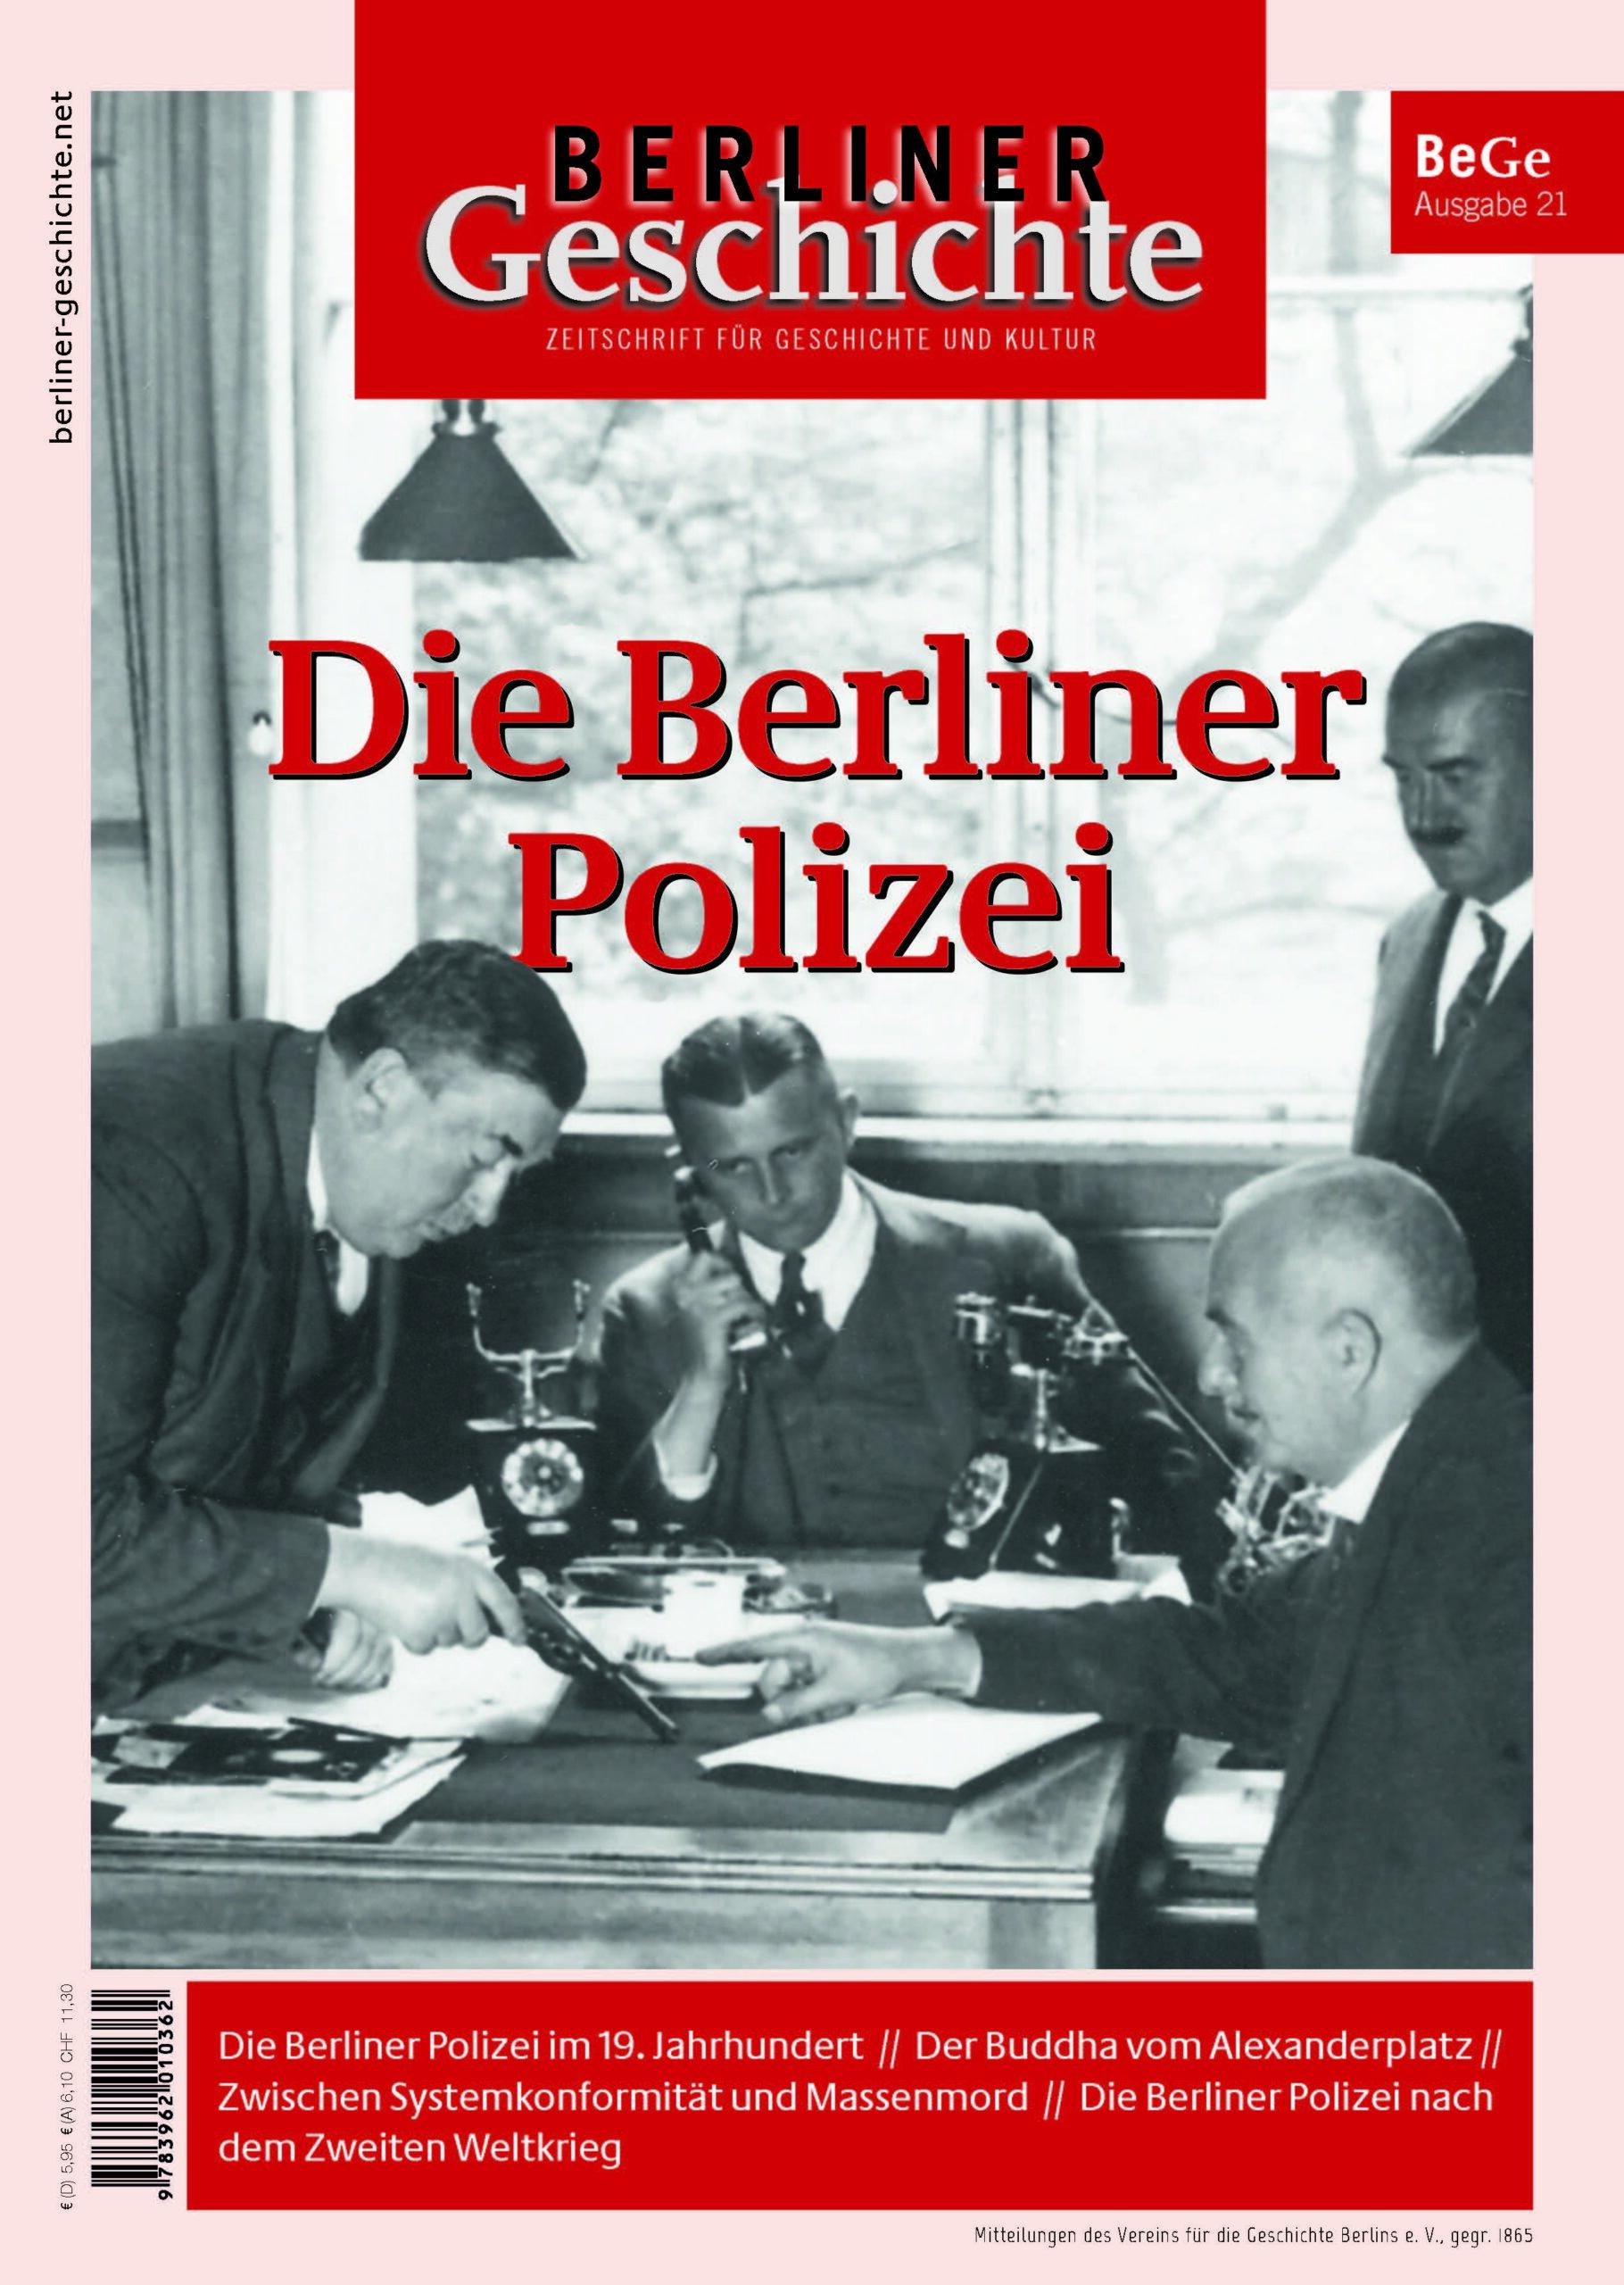 Geschichte der Berliner Polizei